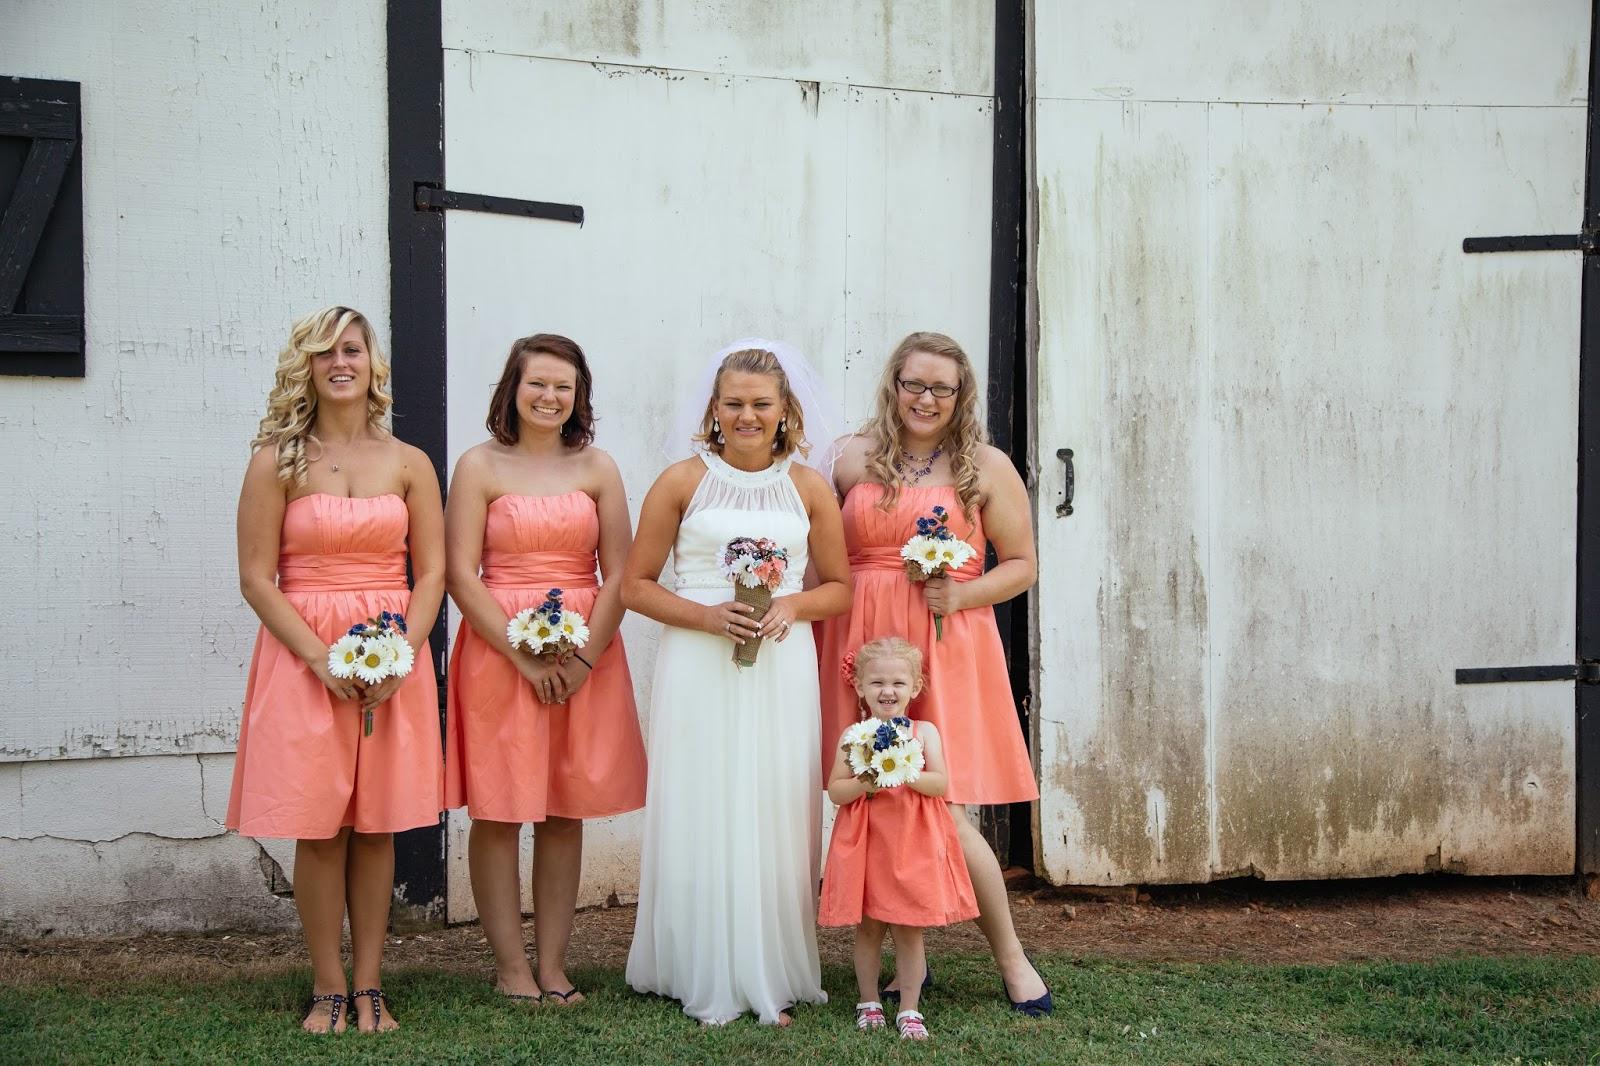 moore+wedding-14.jpg